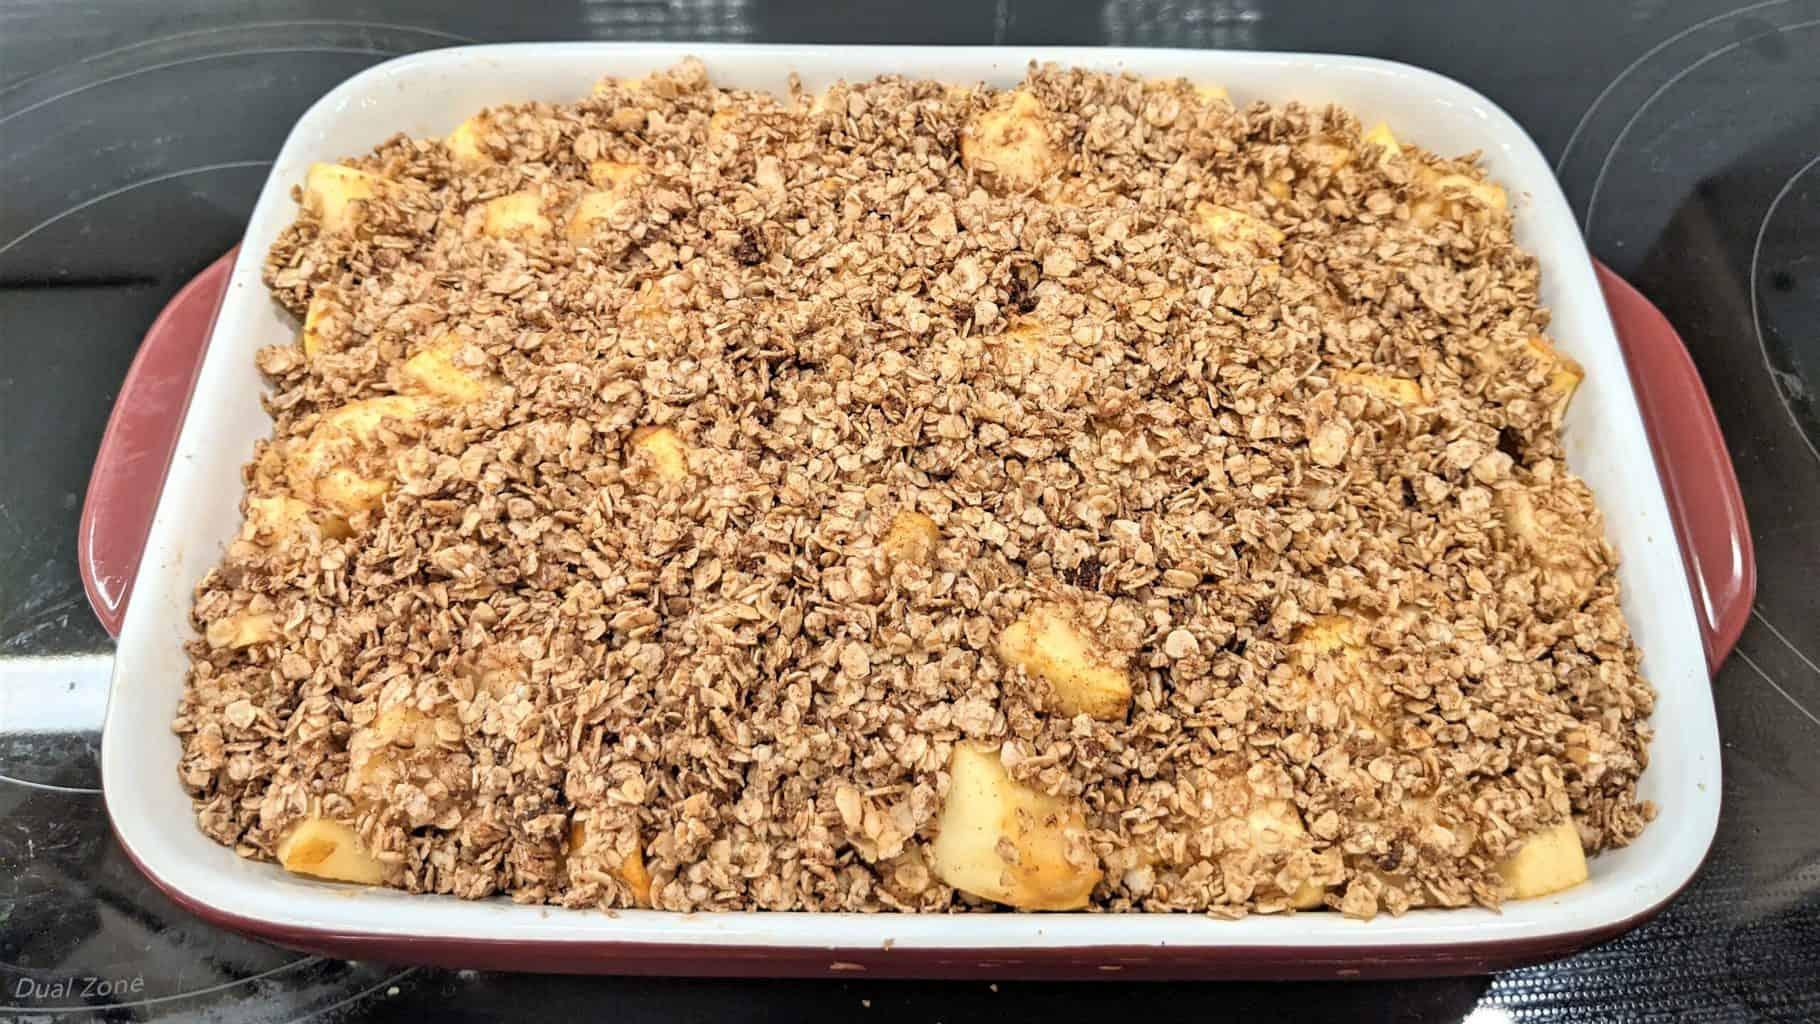 cooked apple oatmeal bake